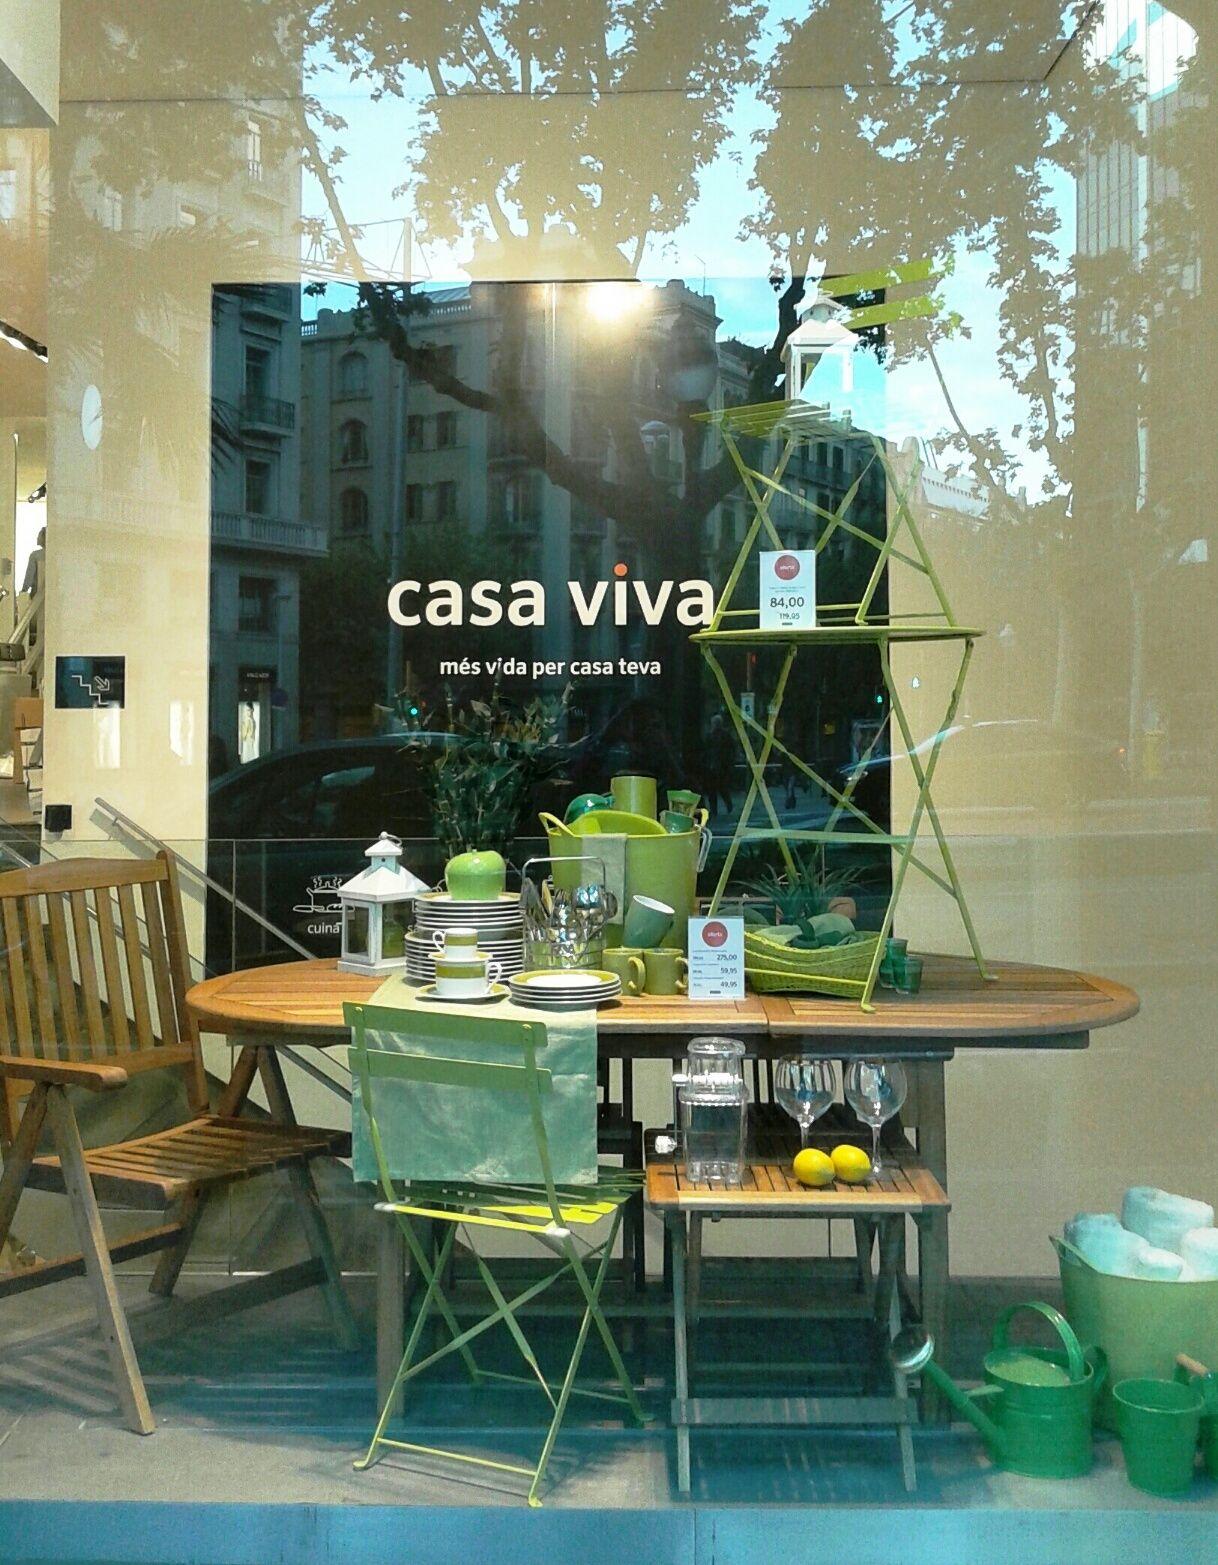 inauguramos nueva tienda de @casa viva en barcelona! ¡te esperamos